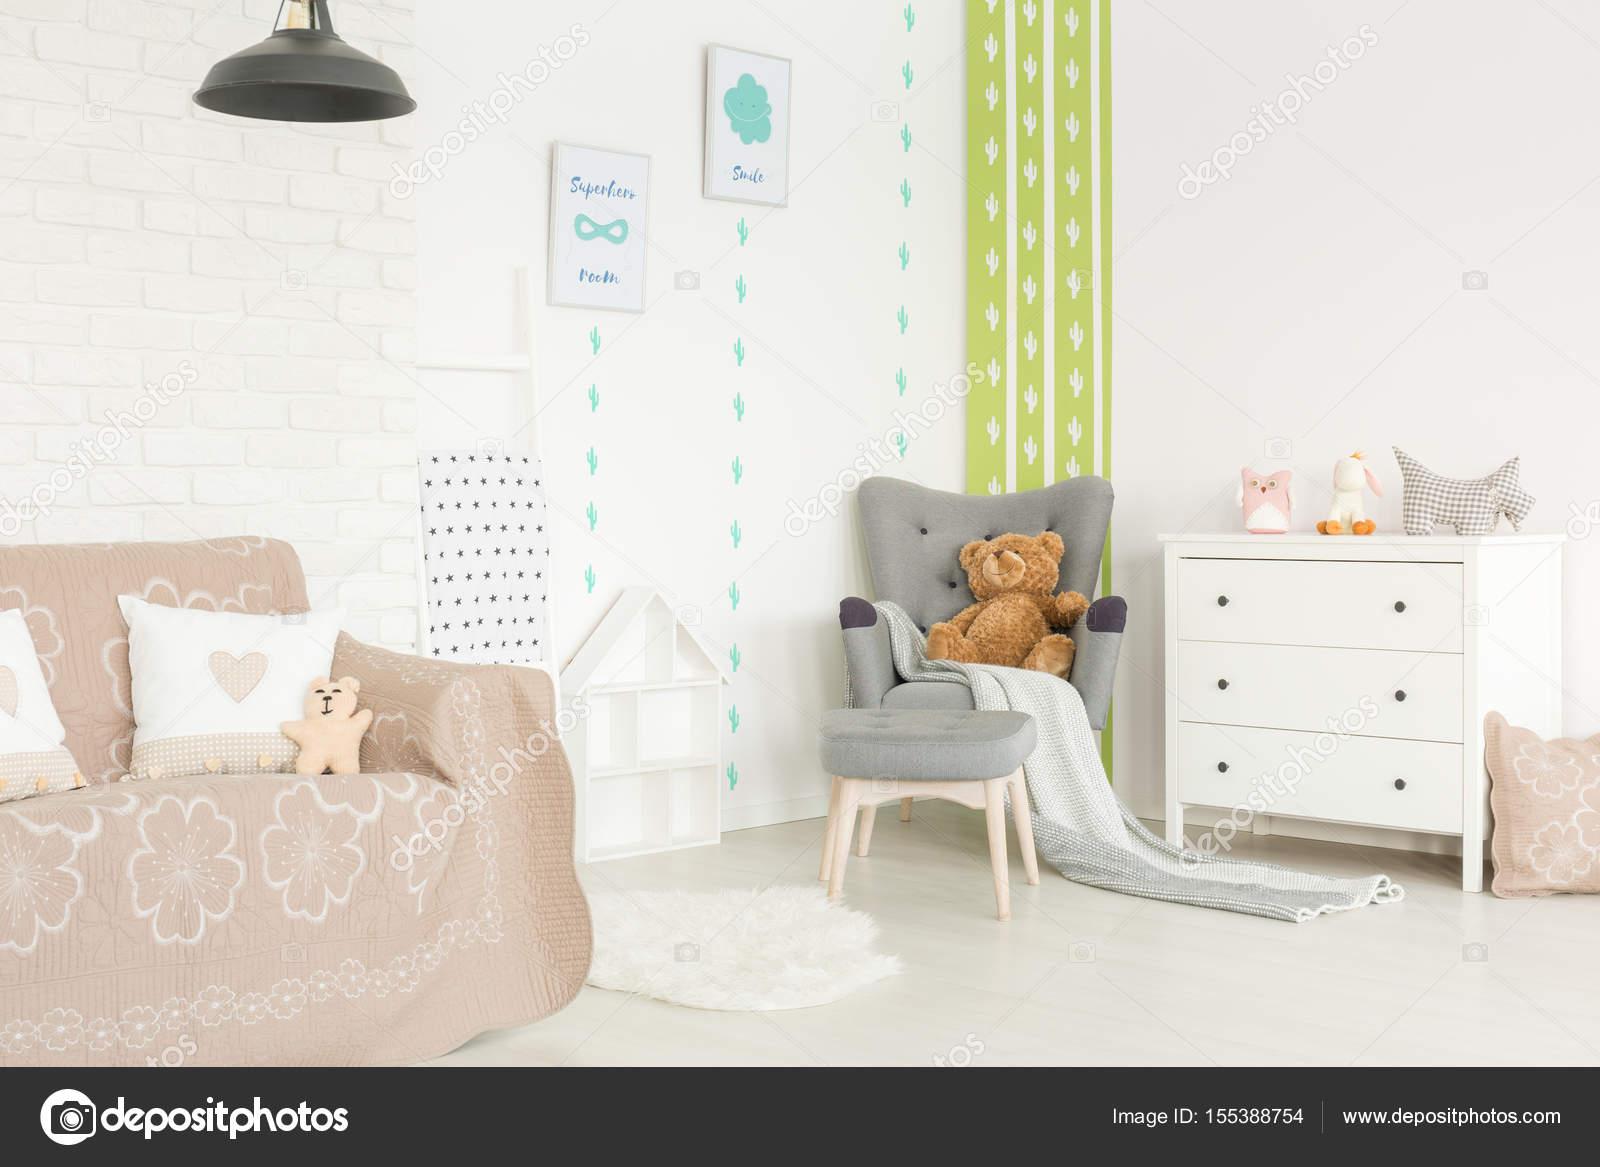 Babyzimmer Mit Pastell Zubehor Stockfoto C Photographee Eu 155388754